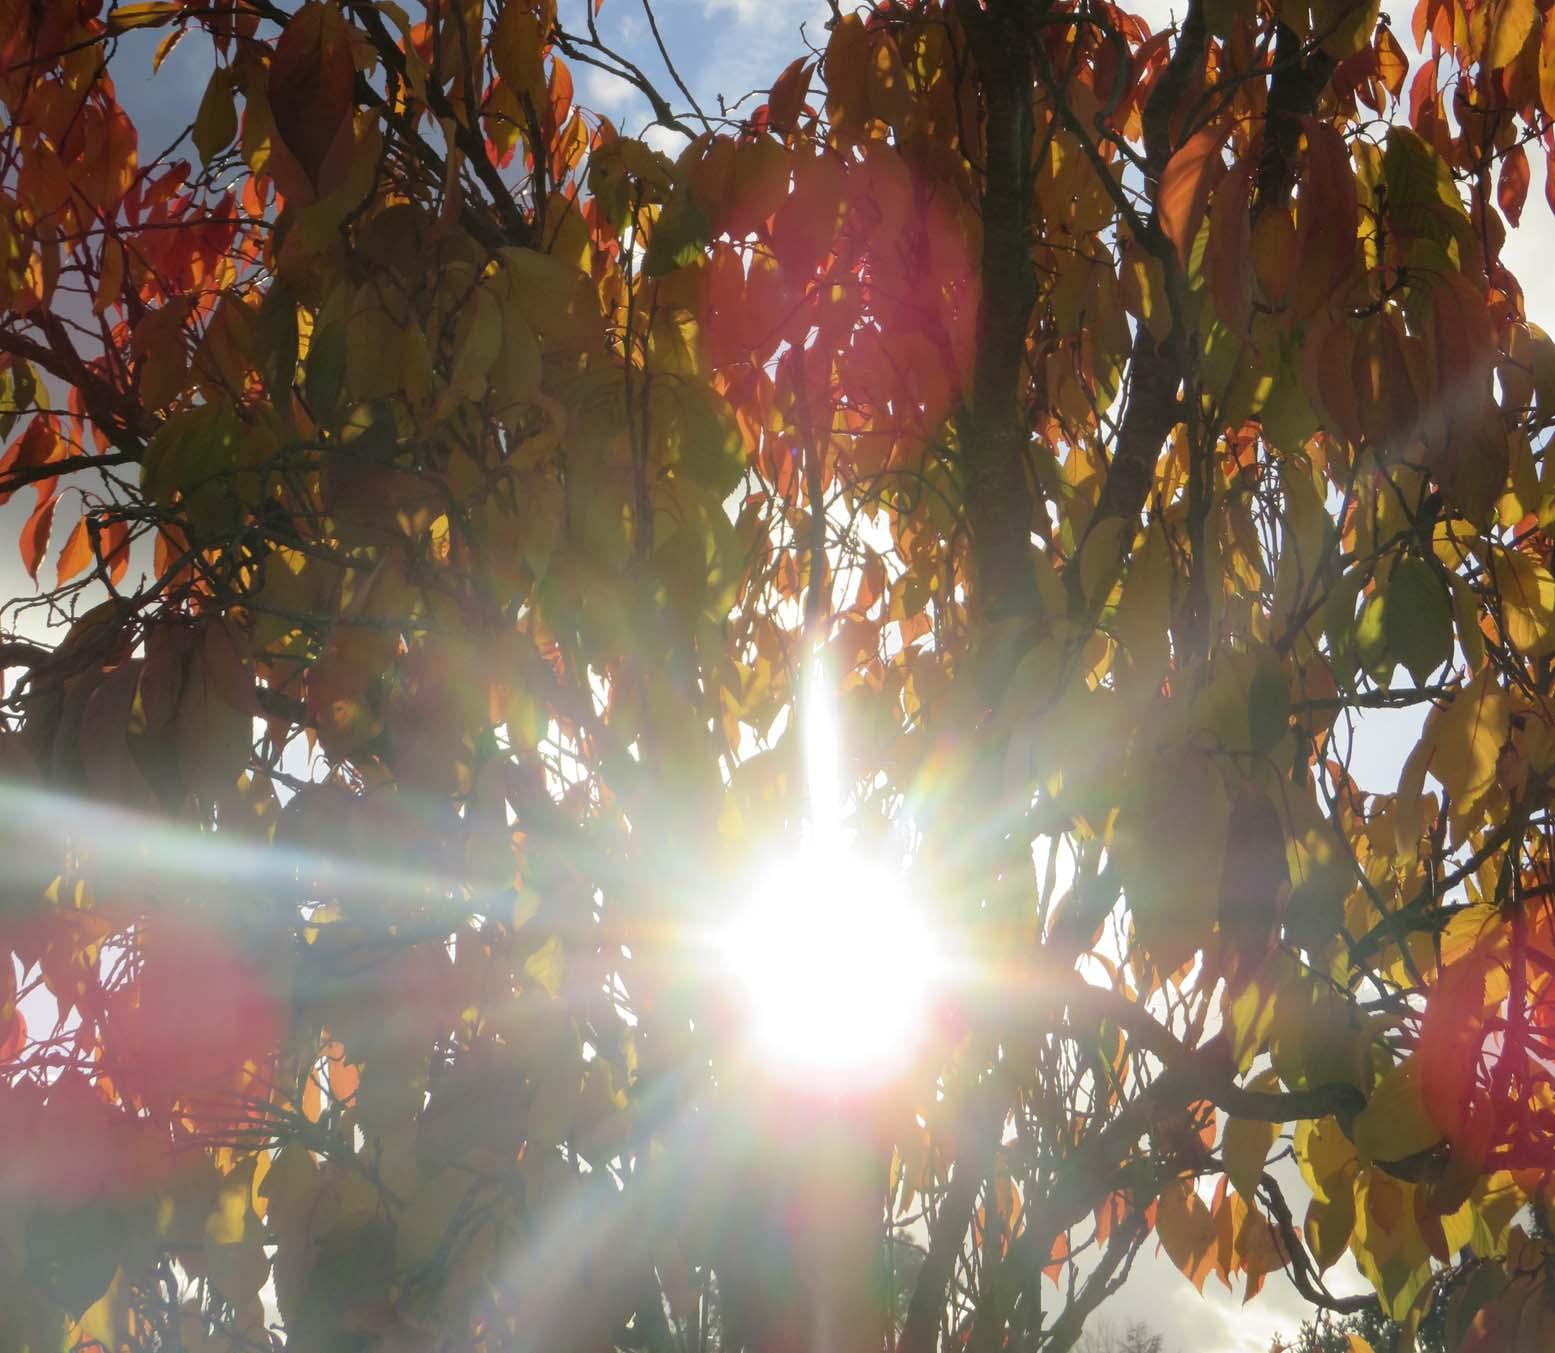 colloque nov 2016 et automne 029pm.jpg